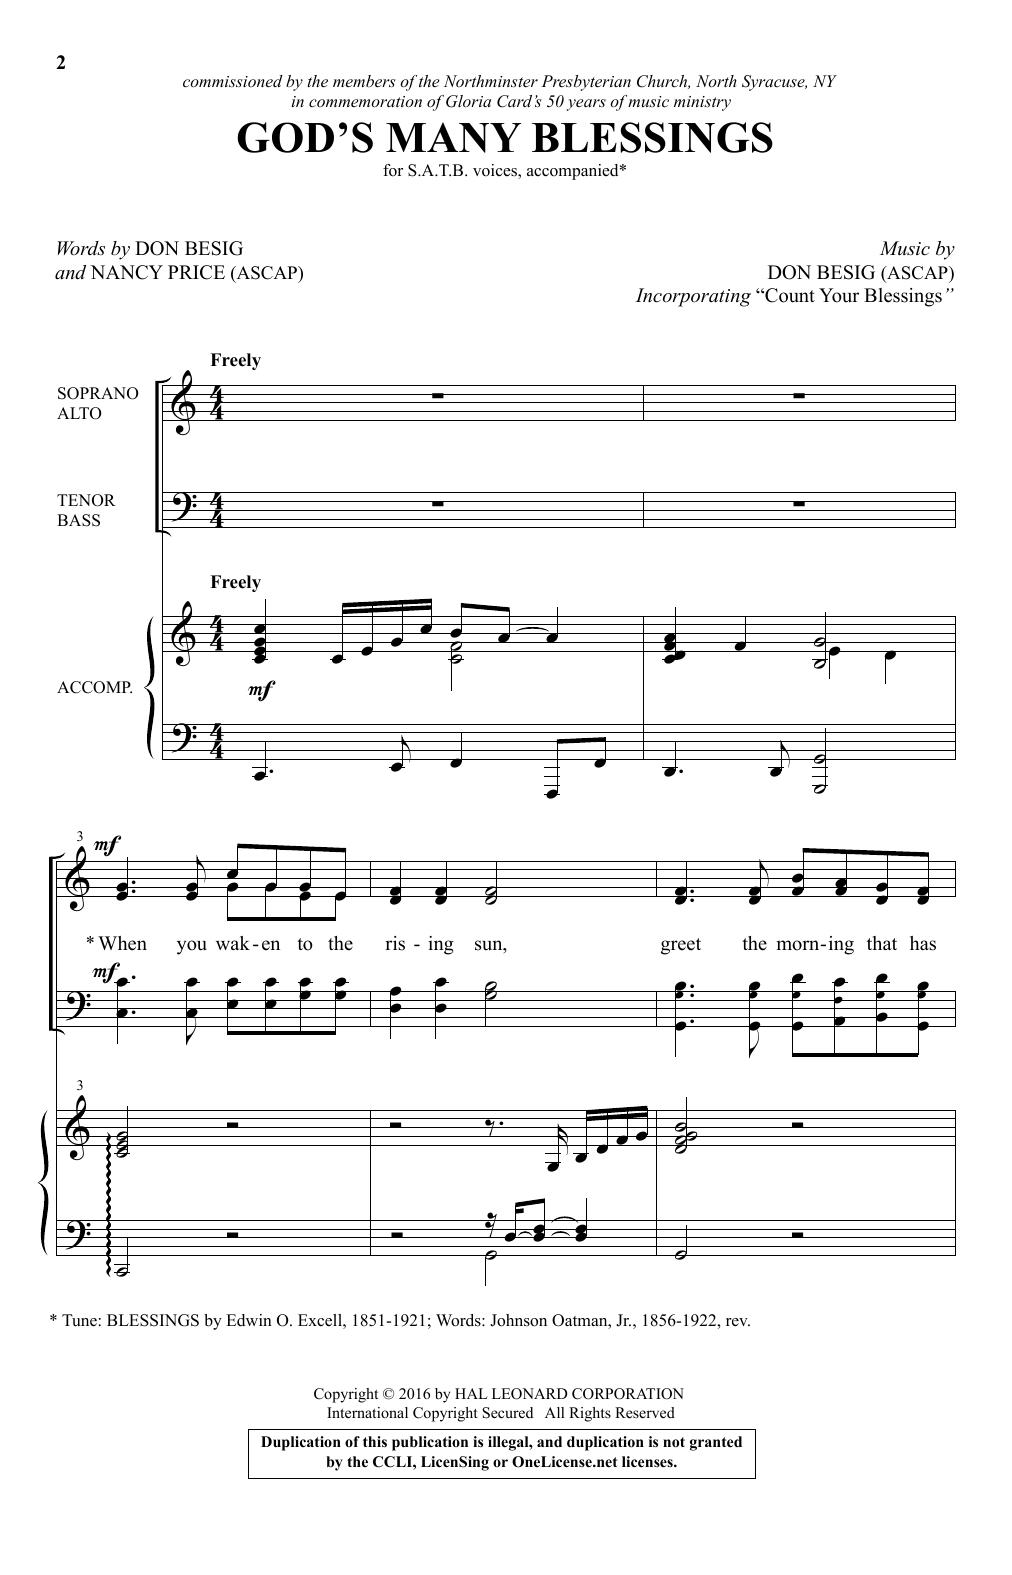 God's Many Blessings (SATB Choir)